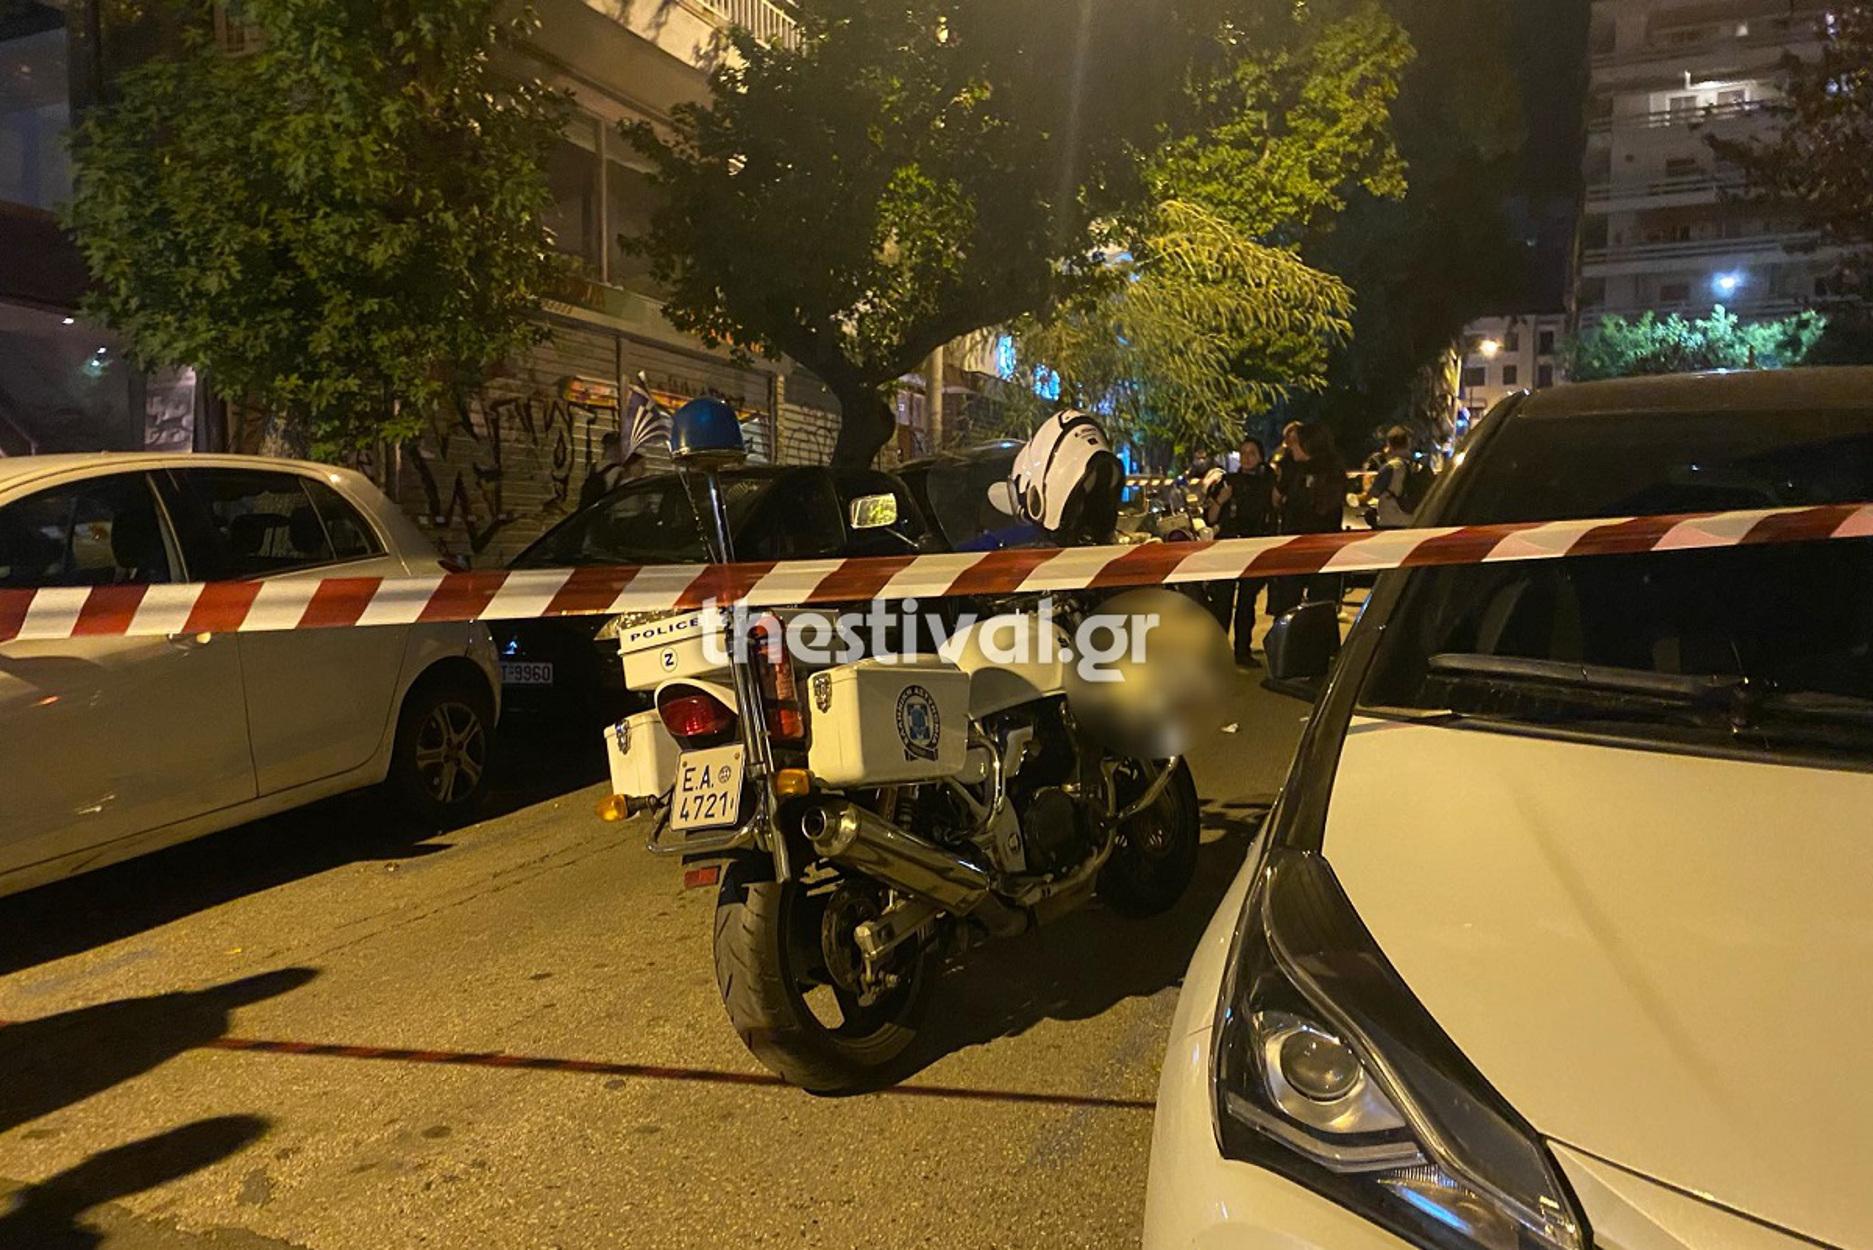 Θεσσαλονίκη: Τον μαχαίρωσε και τον σκότωσε στο κέντρο της πόλης! Άρπαξε μαχαίρι από μαγαζί